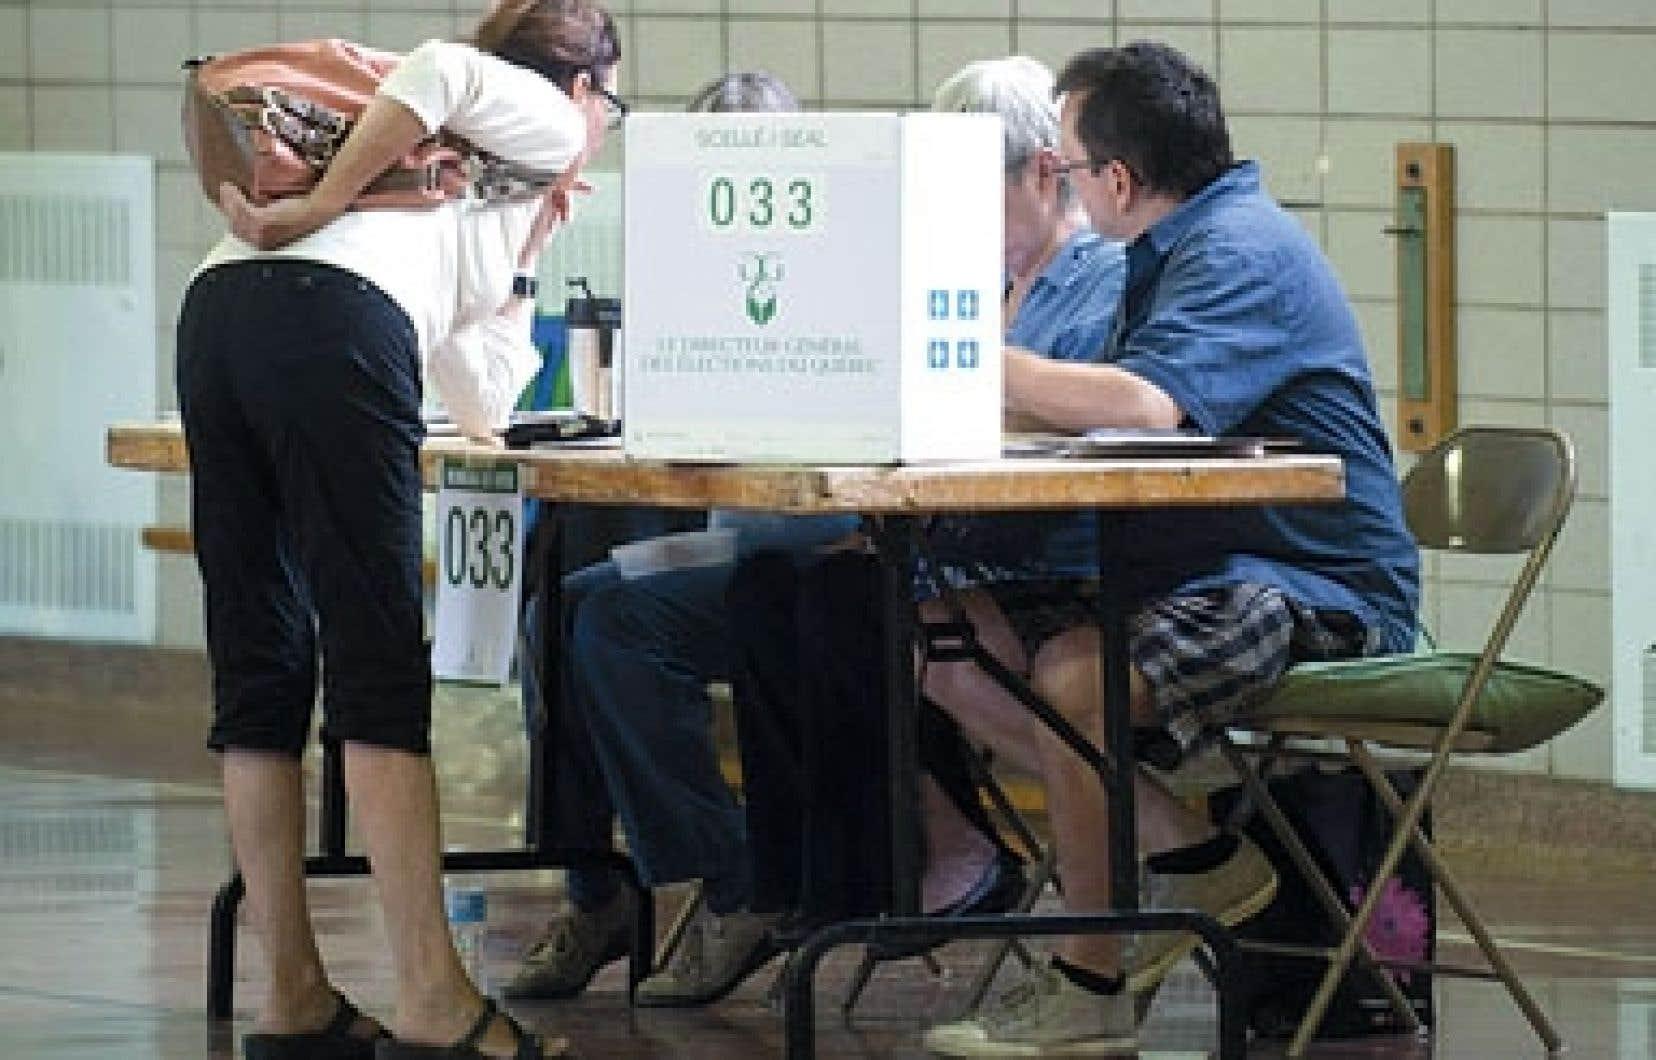 L'addition des votes du PQ, de QS et d'ON aurait permis au PQ d'obtenir 21 circonscriptions de plus.